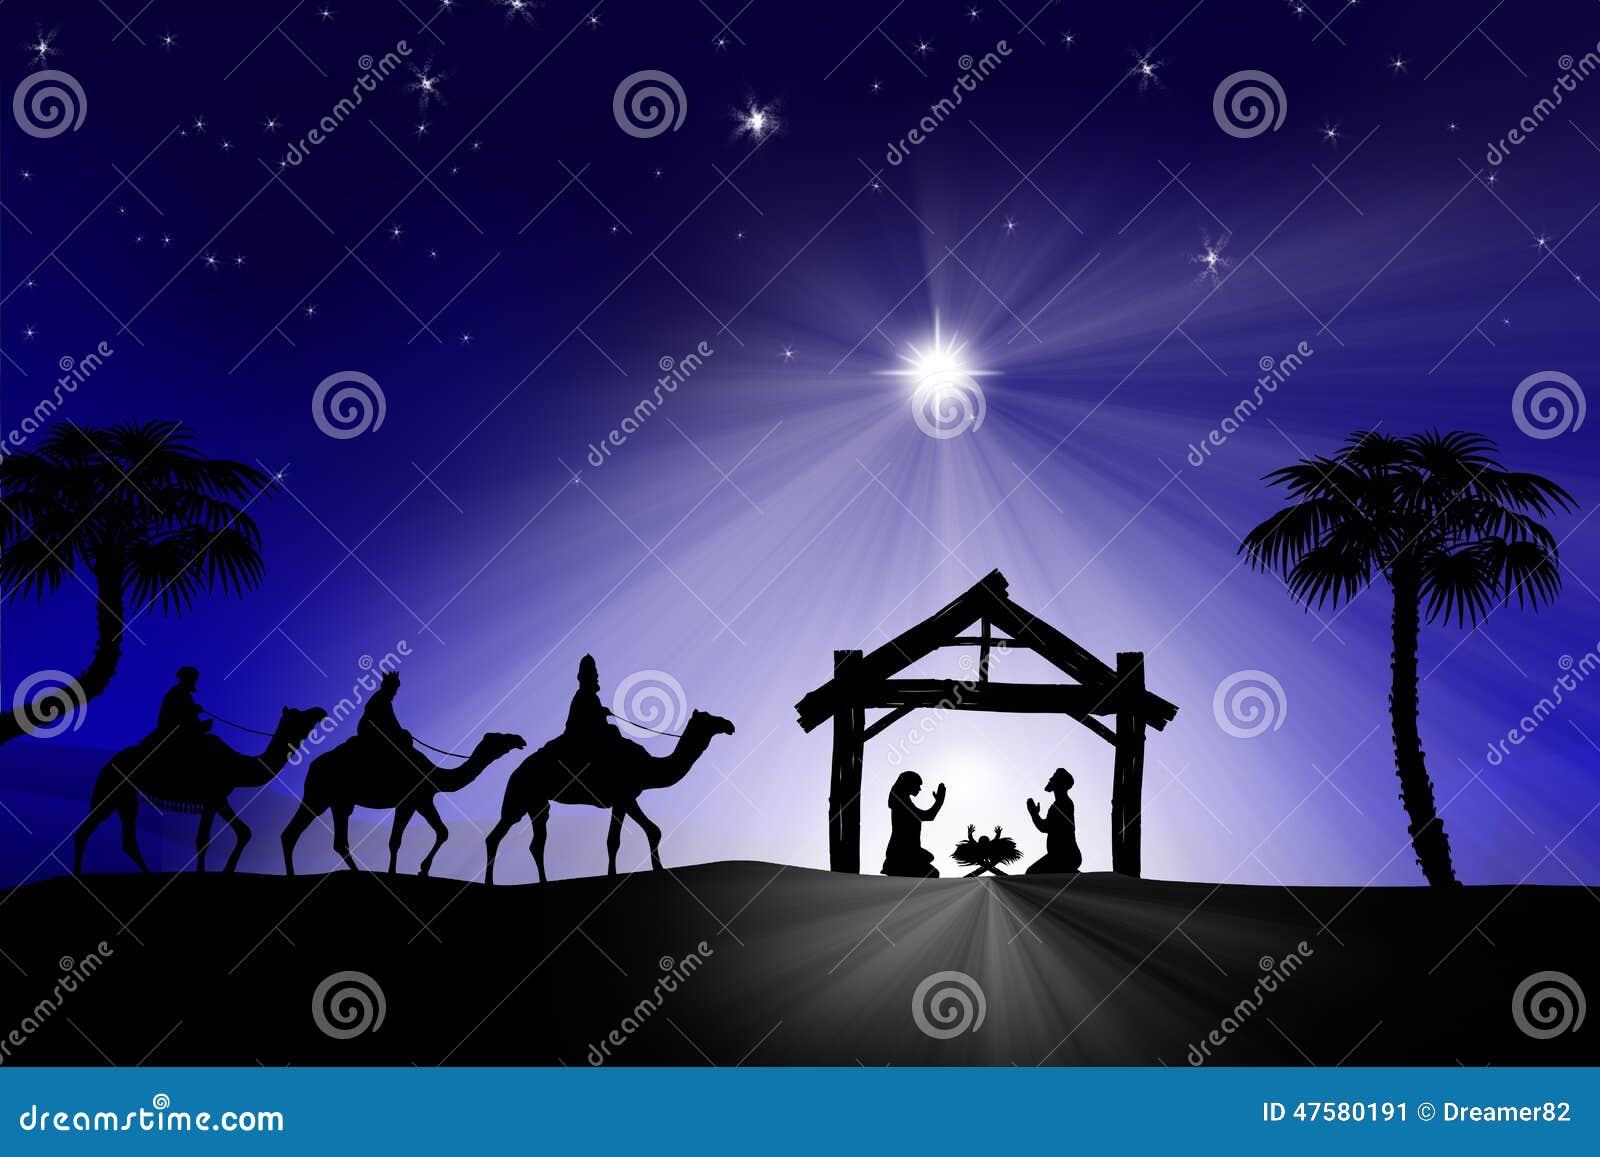 Tradycyjna Chrześcijańska Bożenarodzeniowa narodzenie jezusa scena z trzy wi